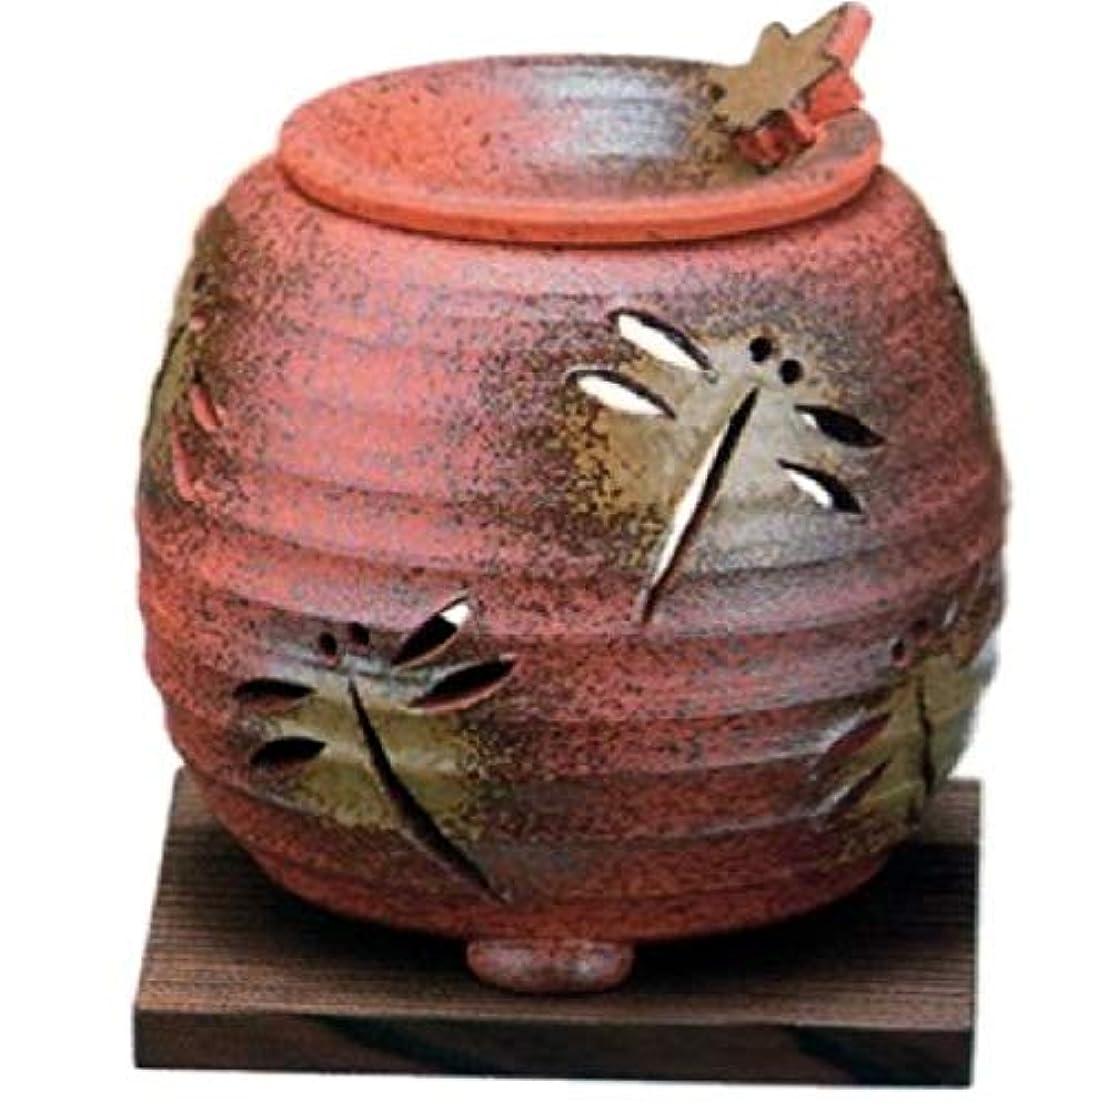 聖人執着忙しい常滑焼 3-830 石龍焼〆千段トンボ茶香炉 石龍φ11×H11㎝